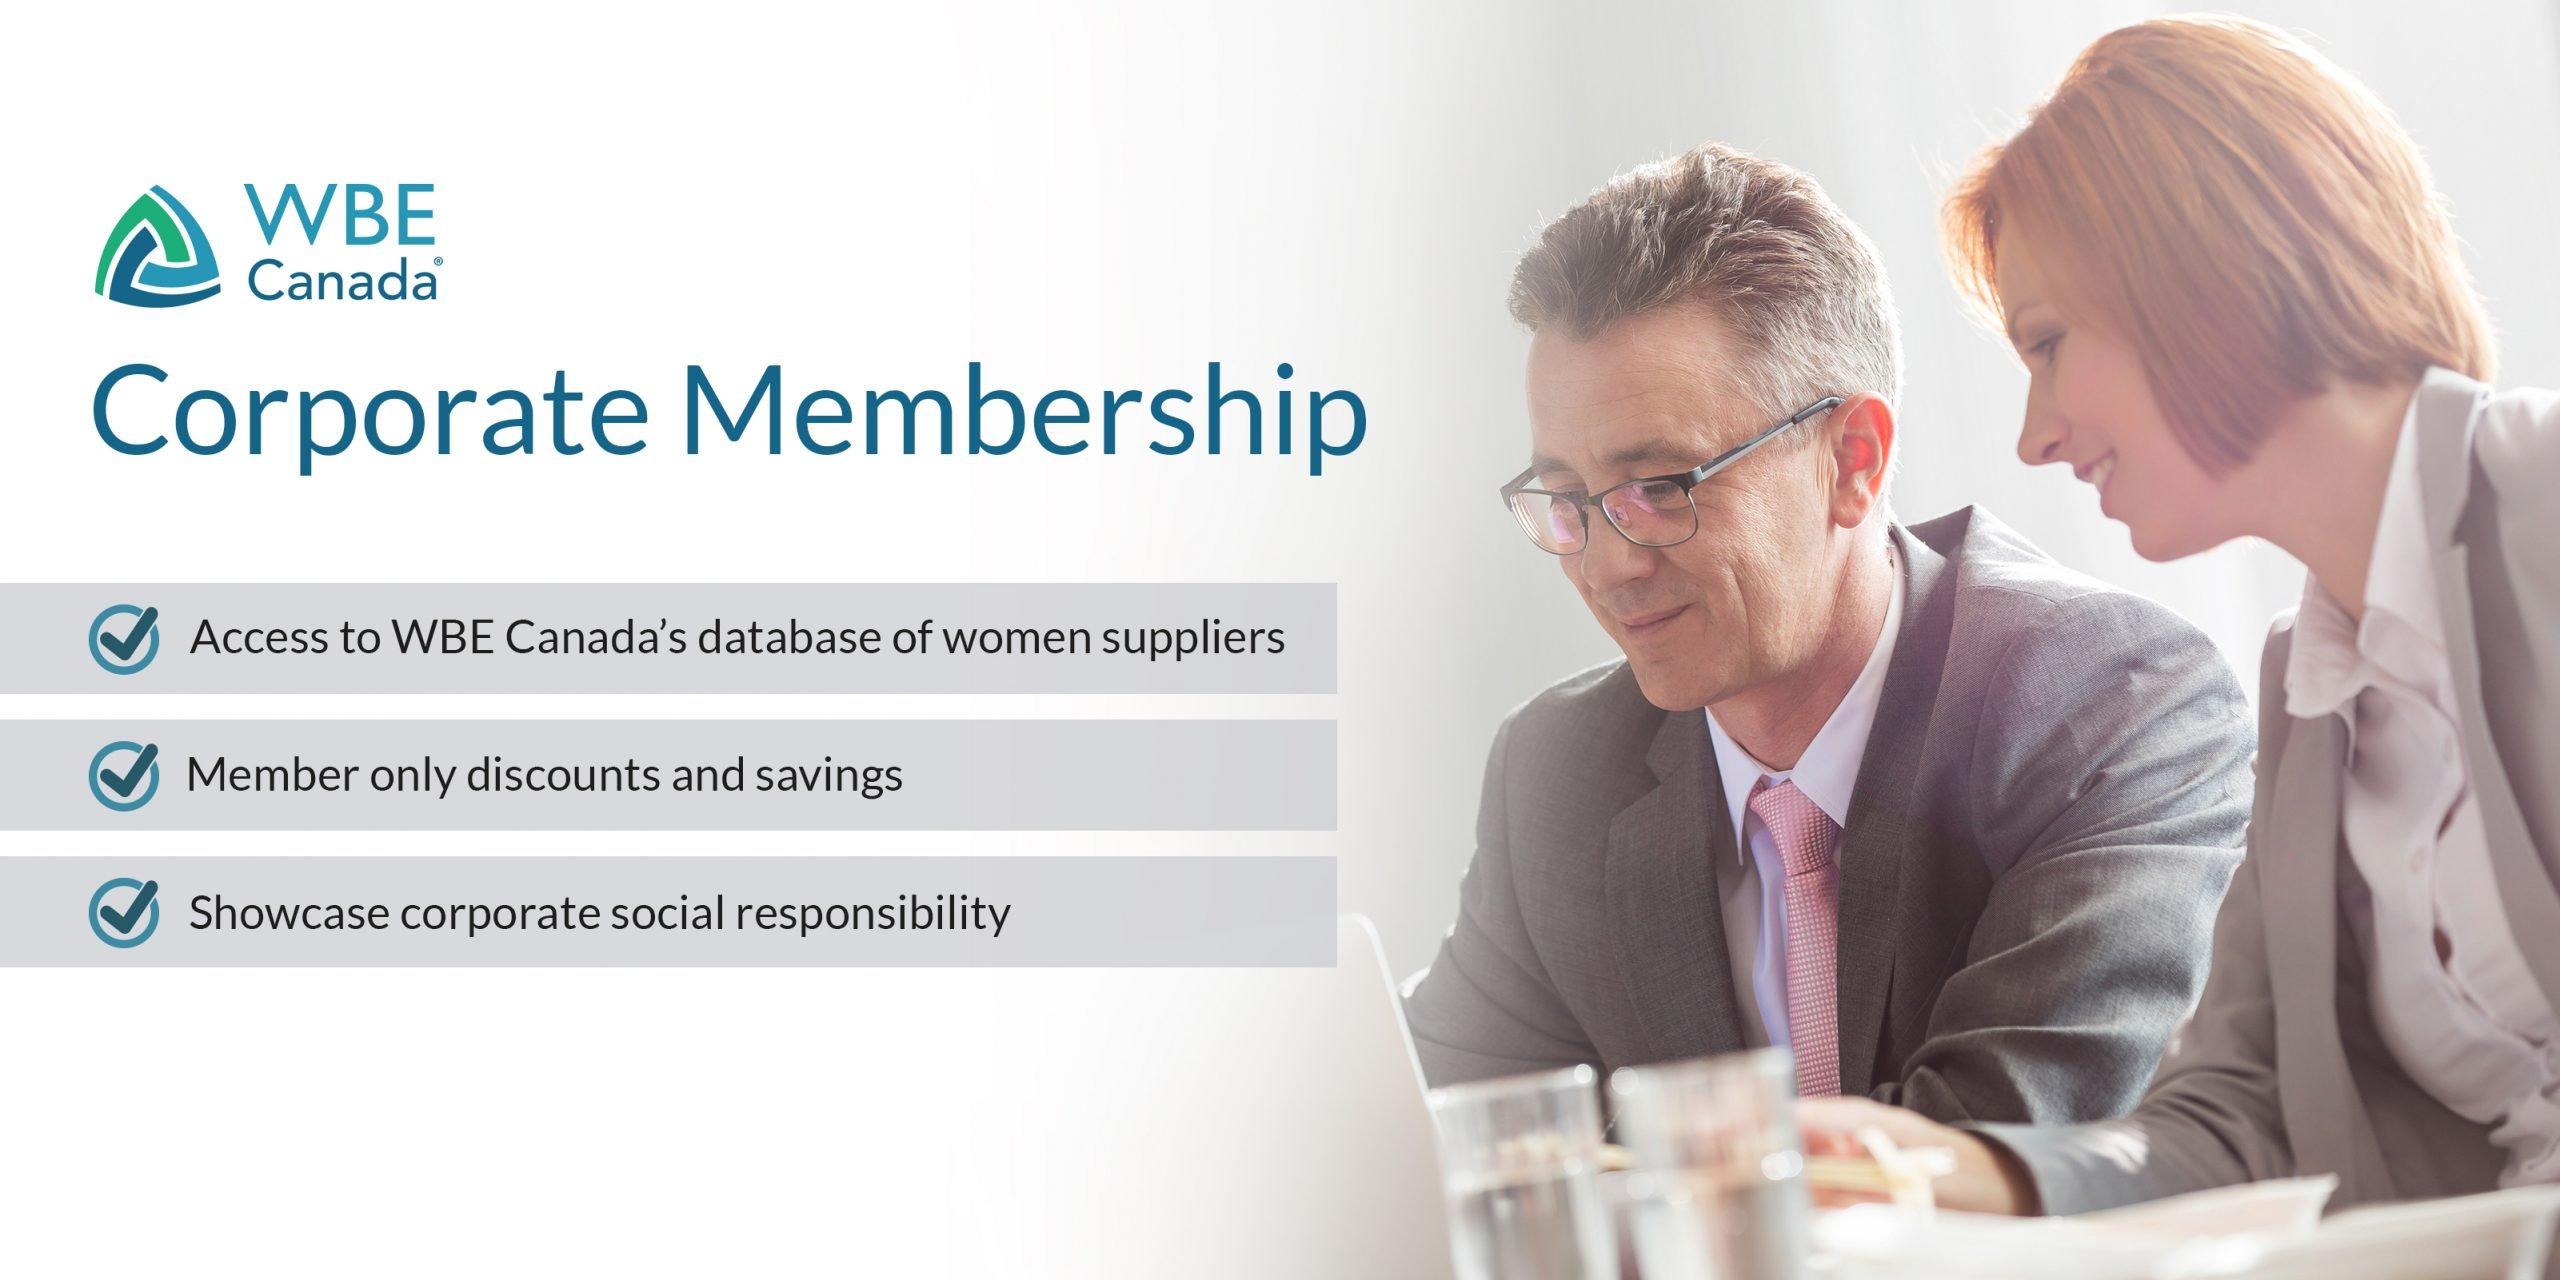 WBE Canada Corporate Membership